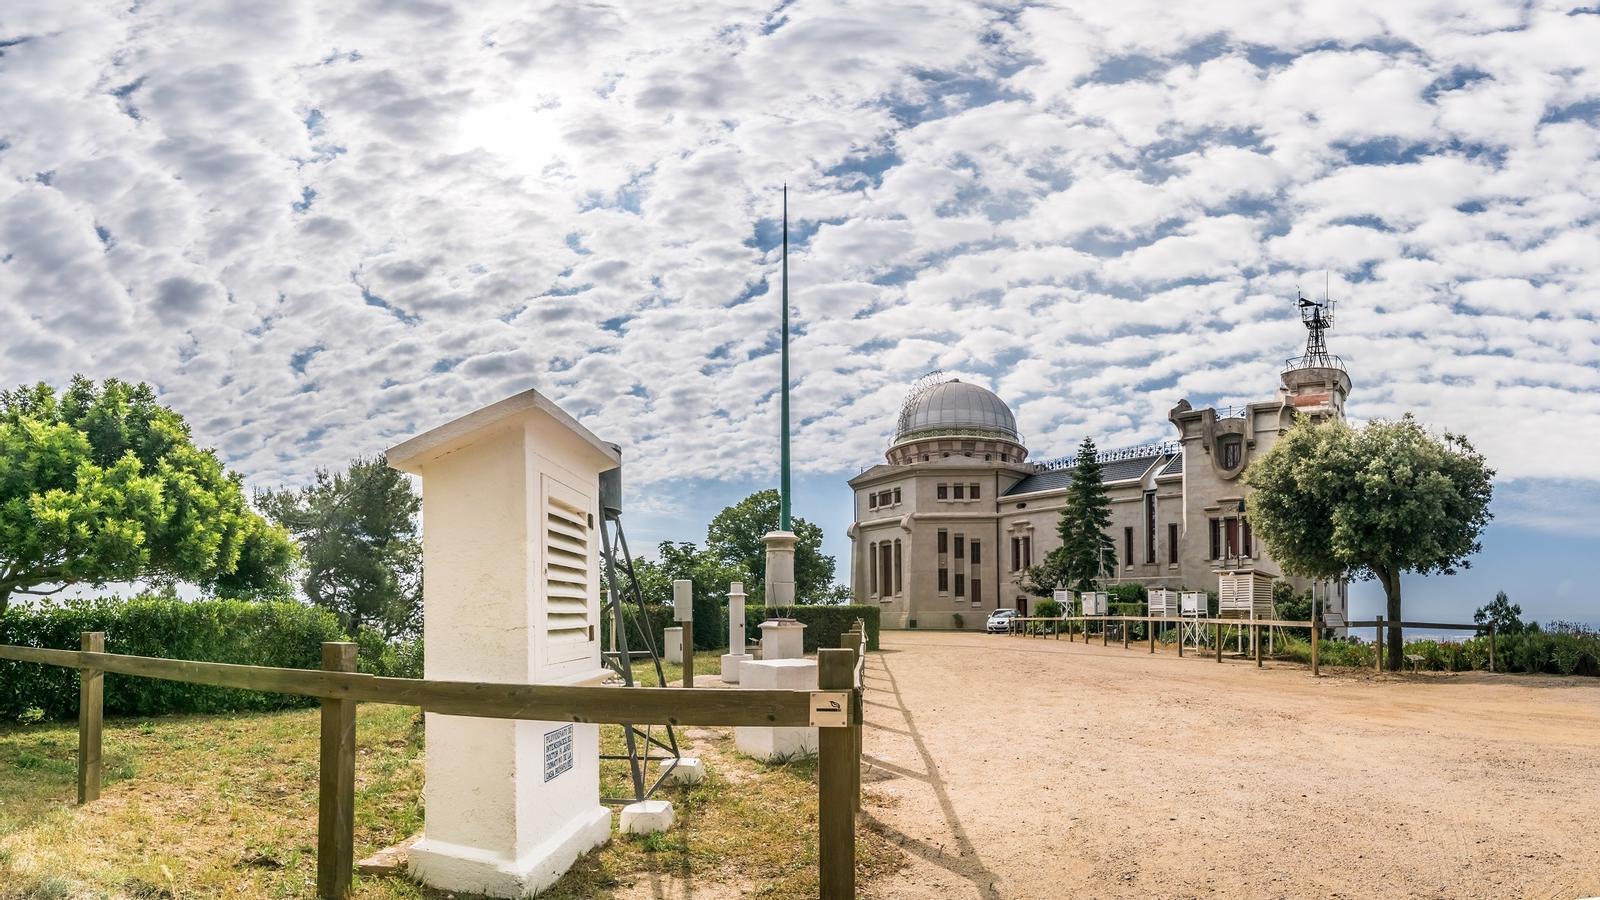 L'Observatori Fabra del Tibidabo en una imatge d'aquest matí